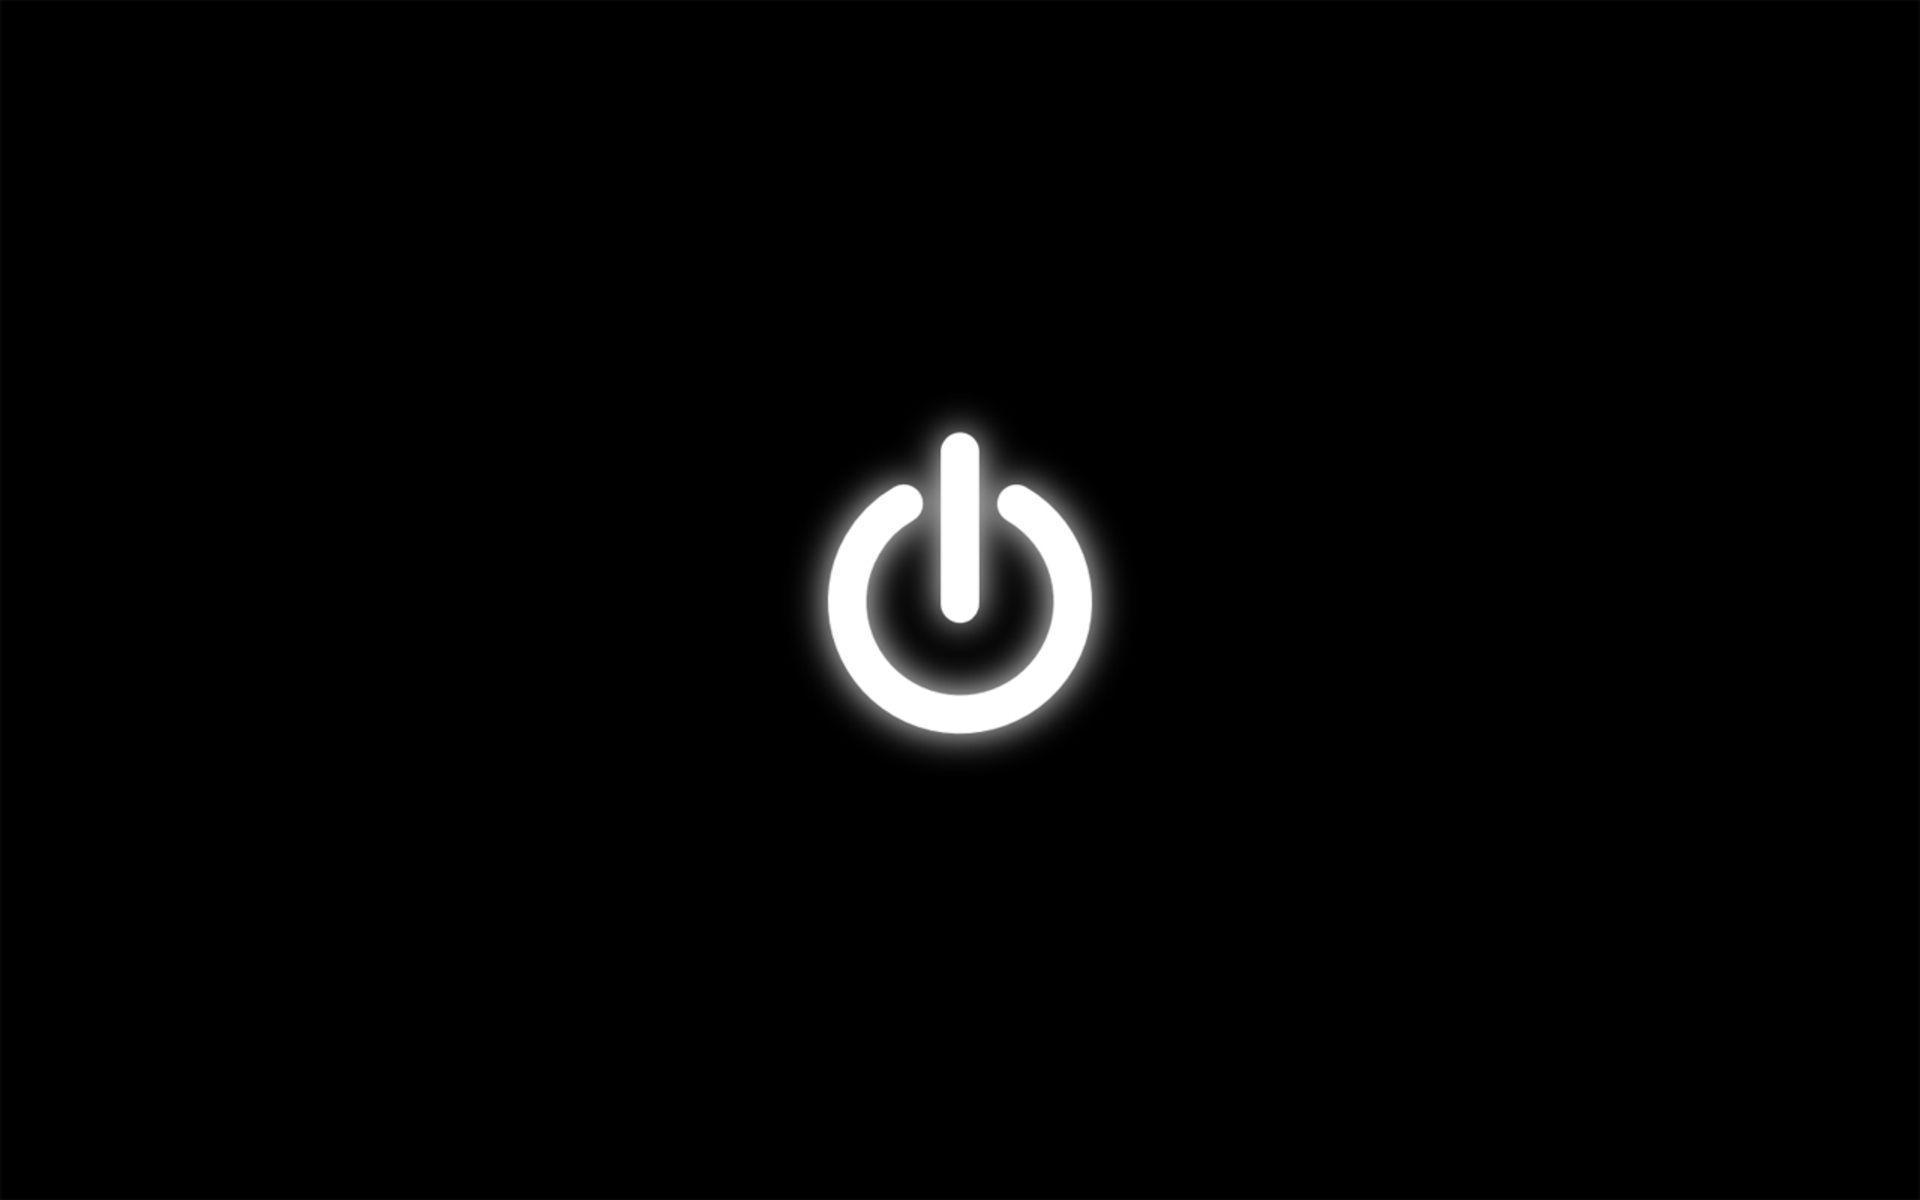 Hình nền đen cho máy tính với nút nguồn trắng ở chính giữa